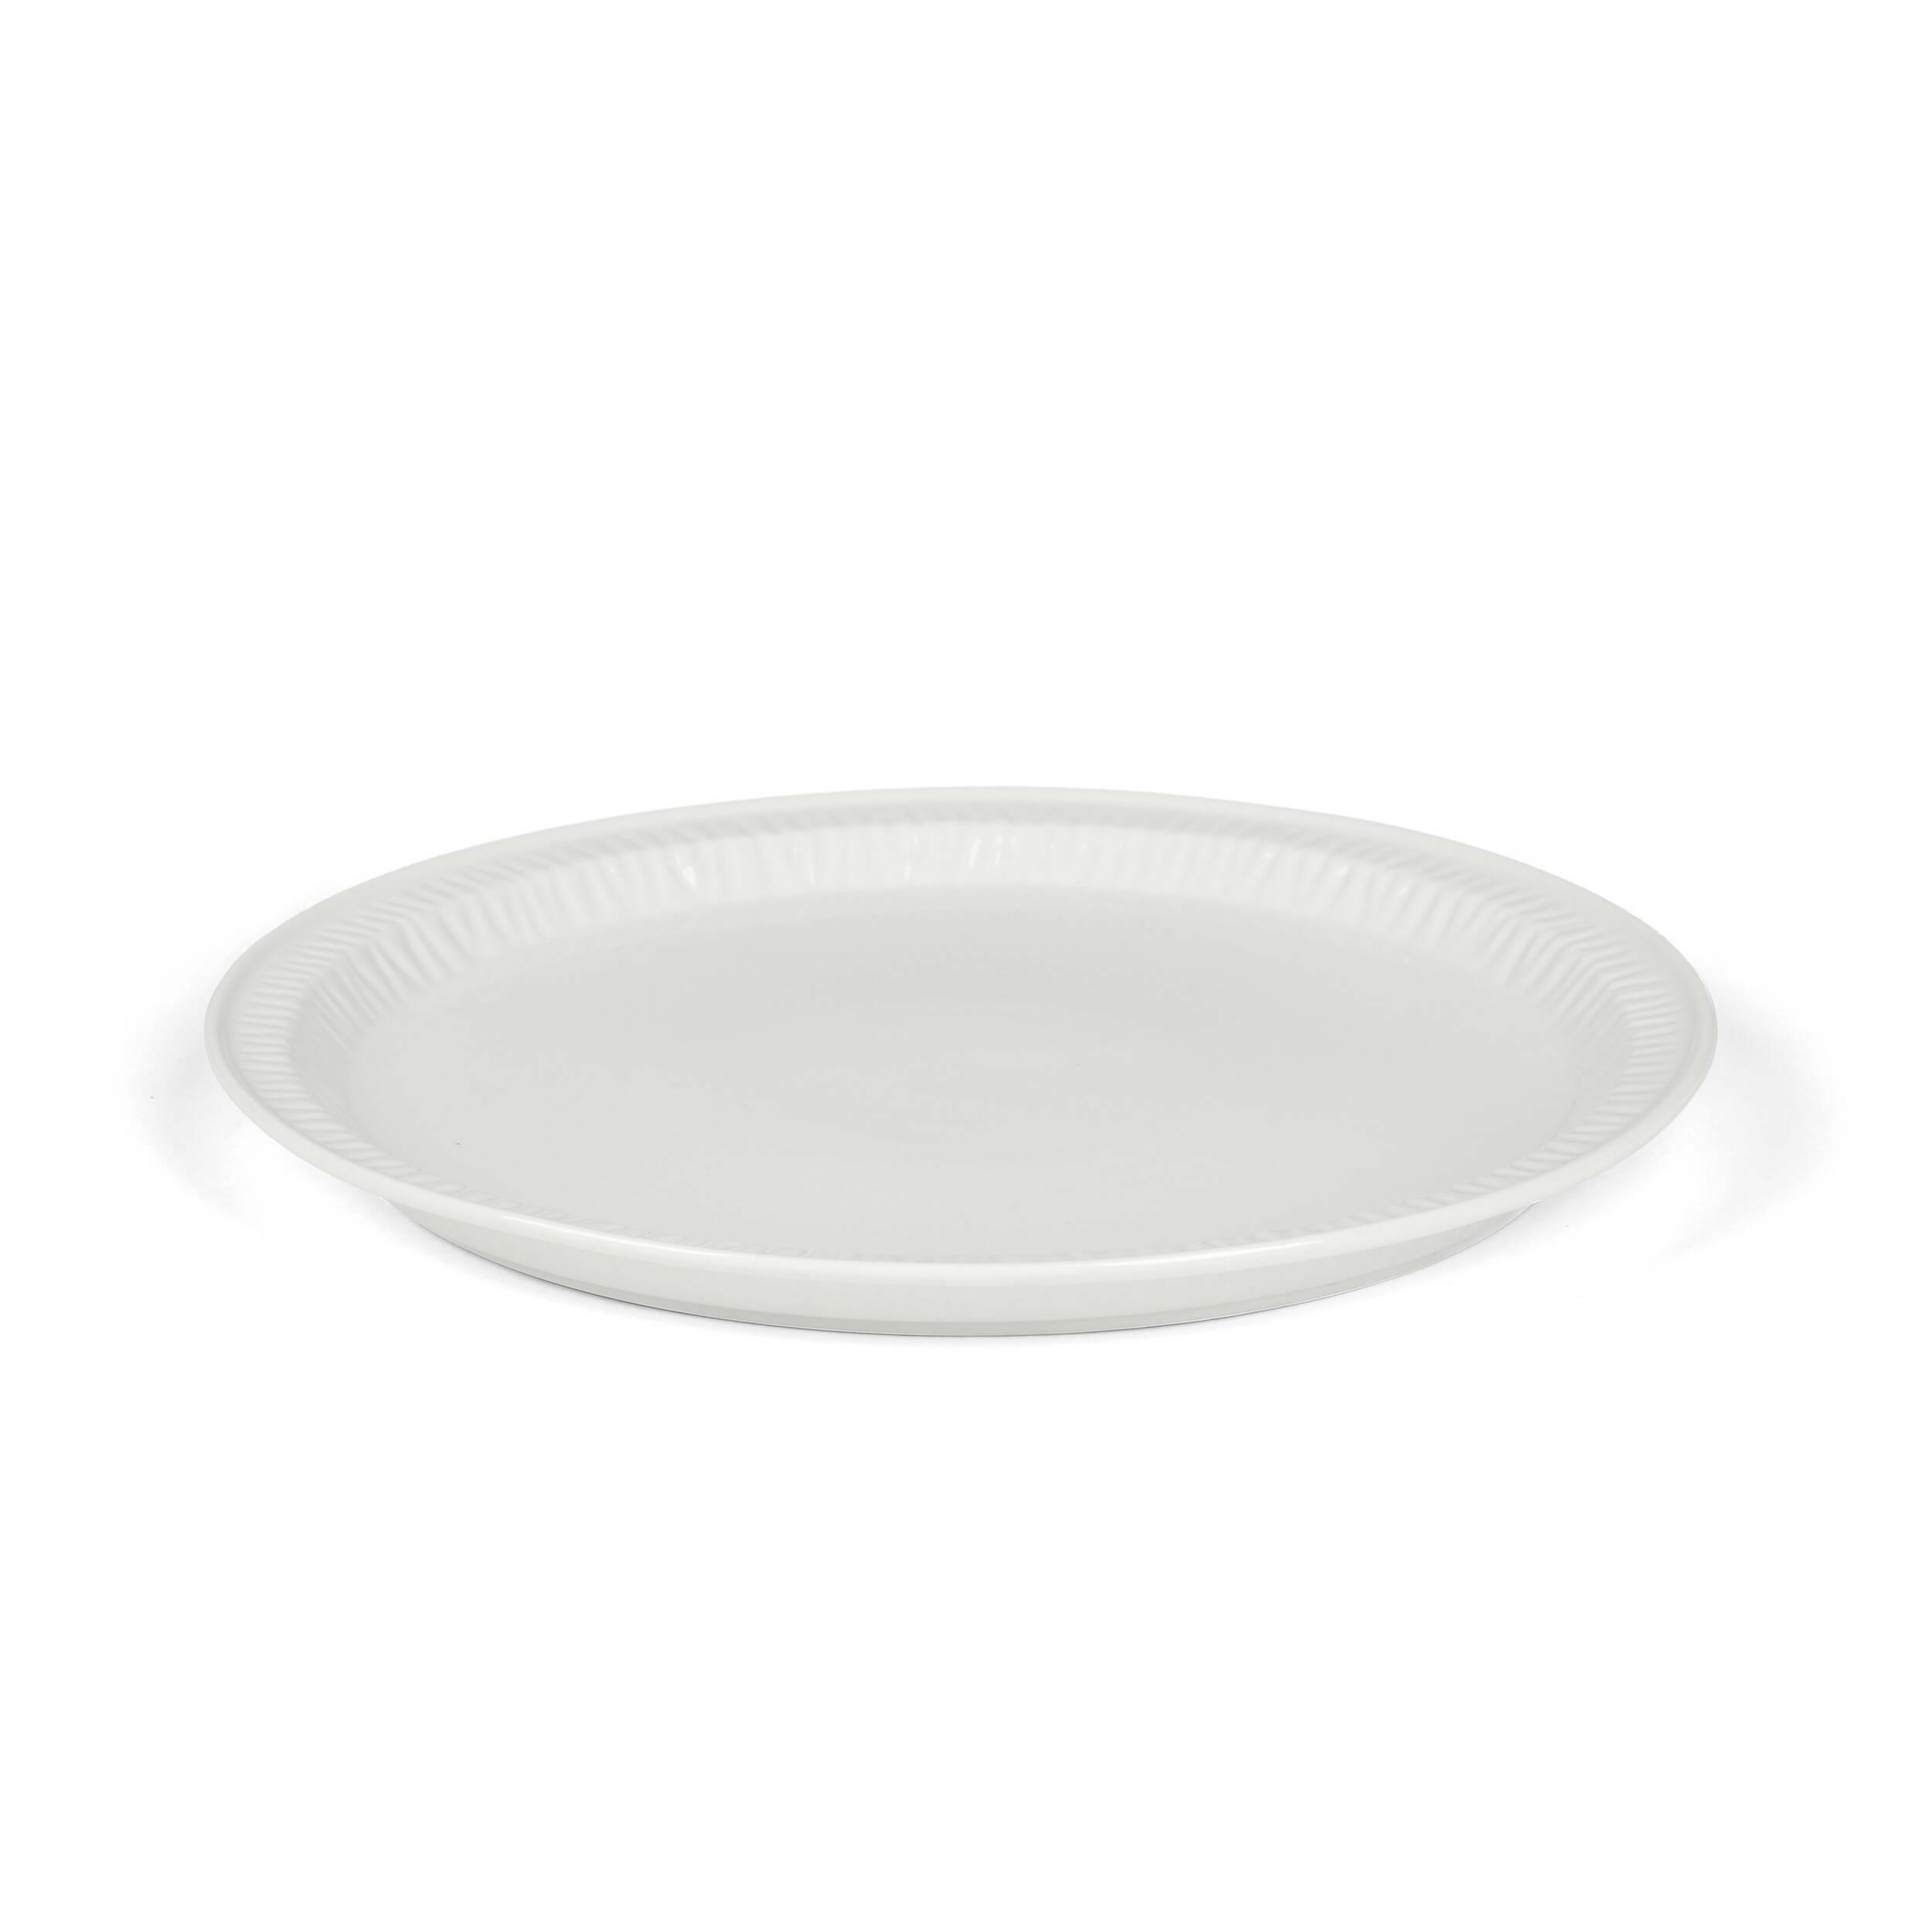 Блюдо Estetico QuotidianoПосуда<br>Блюдо Estetico Quotidiano из коллекции столовой посуды Estetico Quotidiano. Что в нашей жизни может быть привычнее и незаметнее, чем, например, одноразовая посуда или пластиковые бутылки? Разве только посуда в собственном доме, на рисунок которой уже давно не обращаешь внимания.<br><br><br> Дизайнер Алессандро Дзамбелли совместно с компанией Seletti выпустили коллекцию столовой посуды под названием Estetico Quotidiano, что можно перевести с итальянского языка как «эстетика повседневности». ...<br><br>stock: 26<br>Материал: Фарфор<br>Цвет: Белый<br>Диаметр: 28